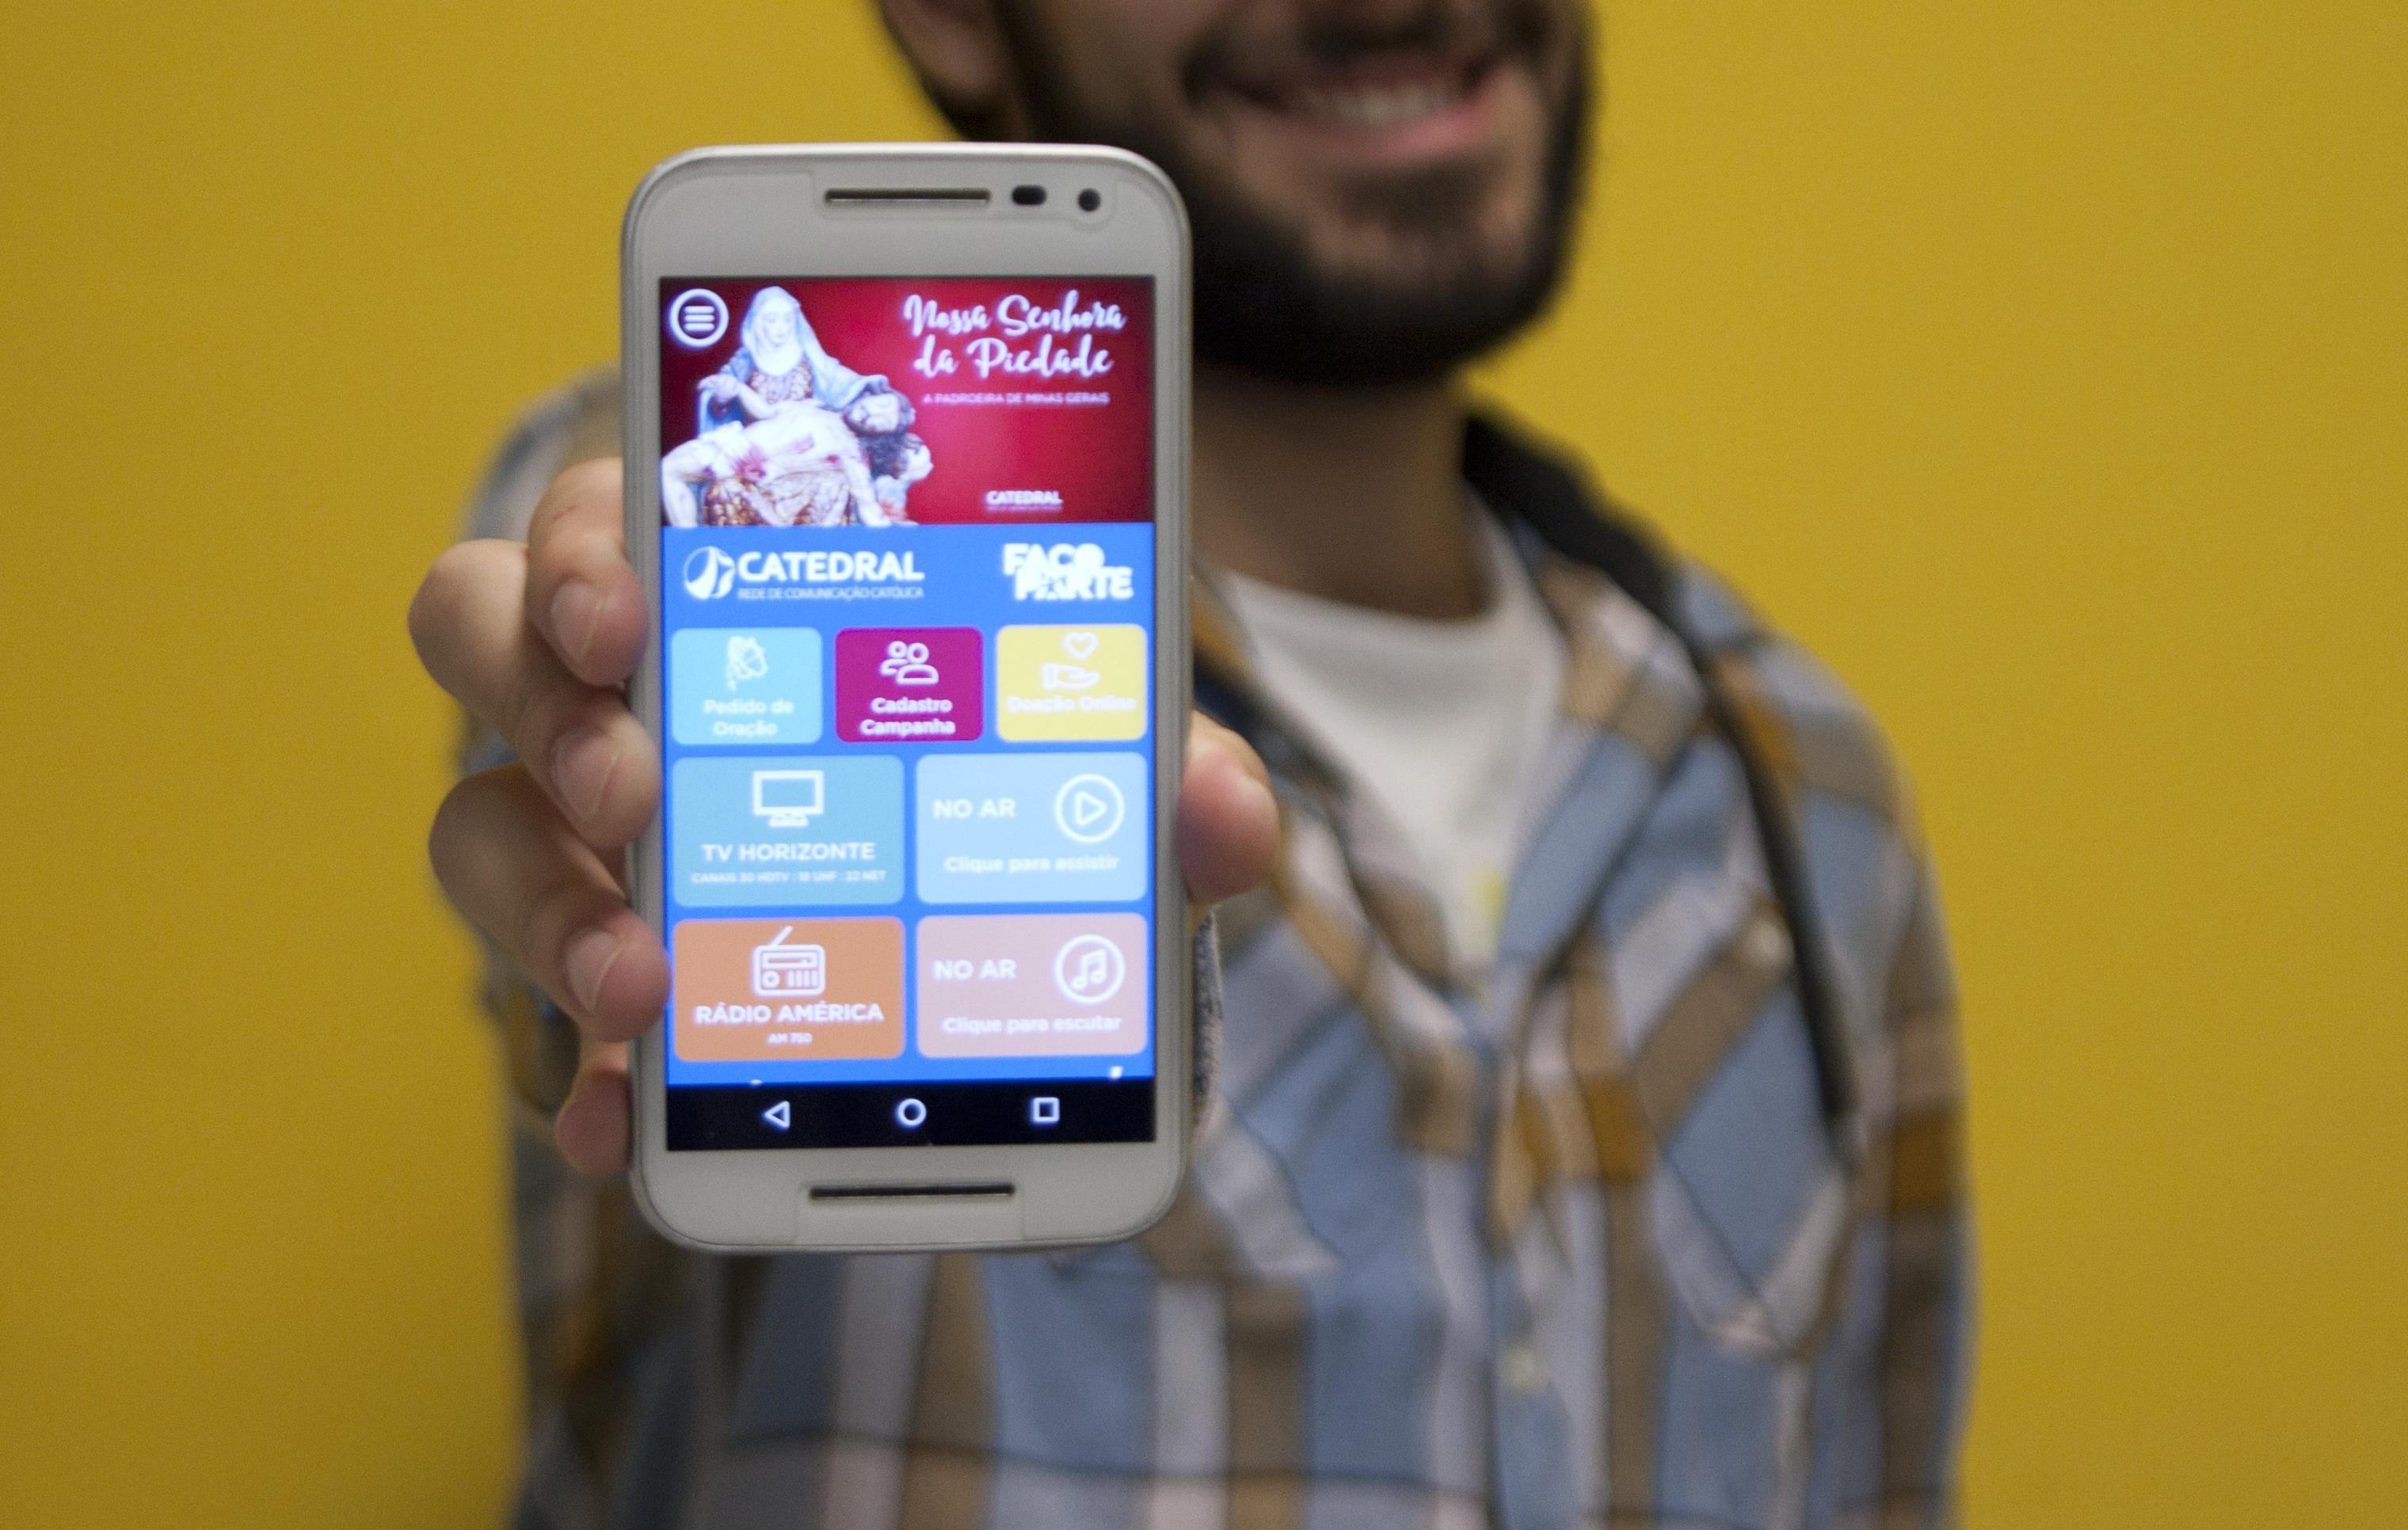 Aplicativo está disponível para smatphones Android e IOS. Imagem: Rede Catedral